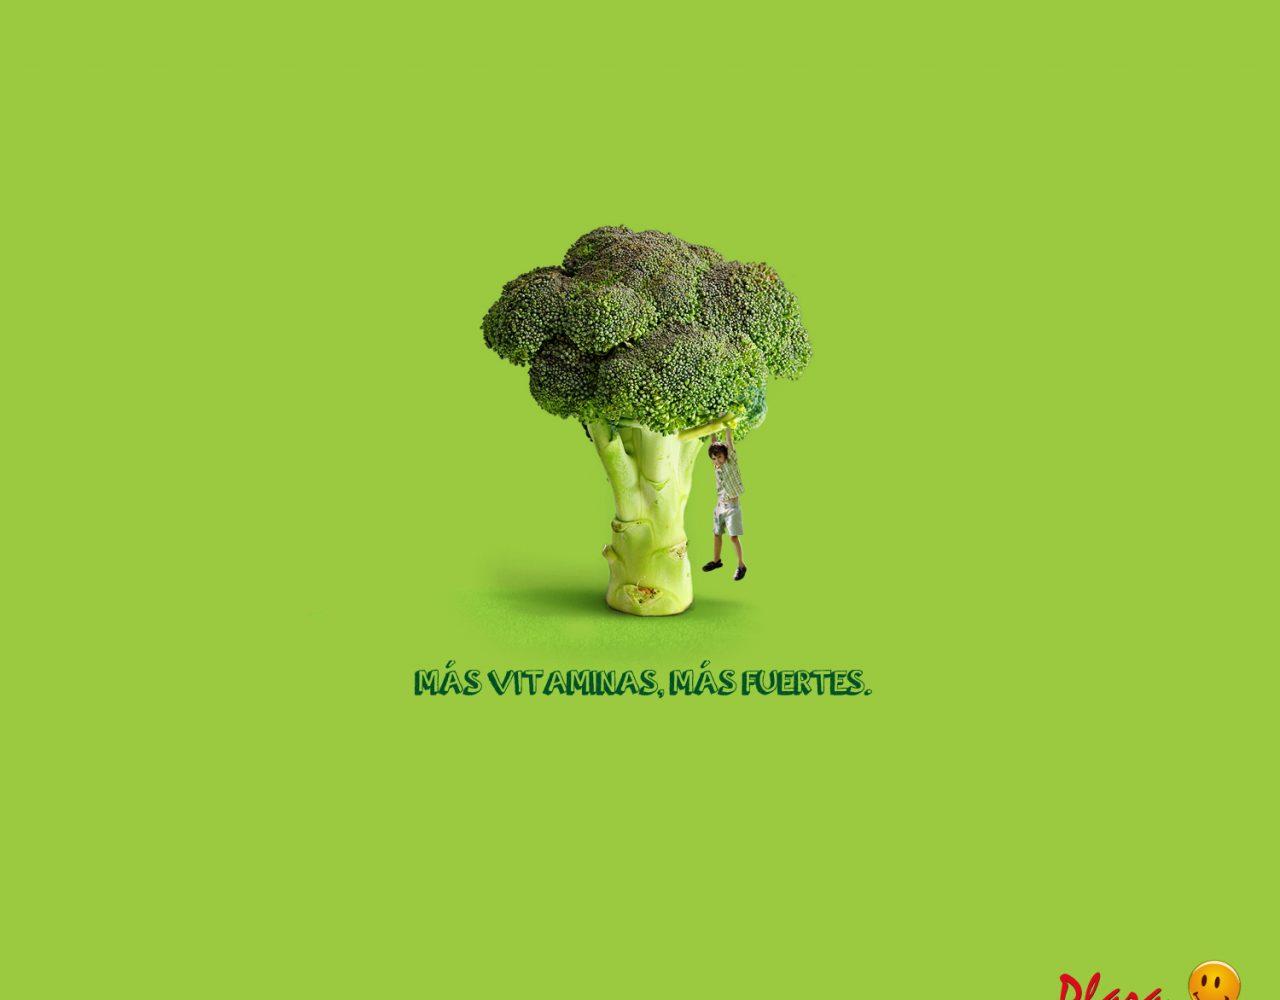 anuncio supermercado didi marketing